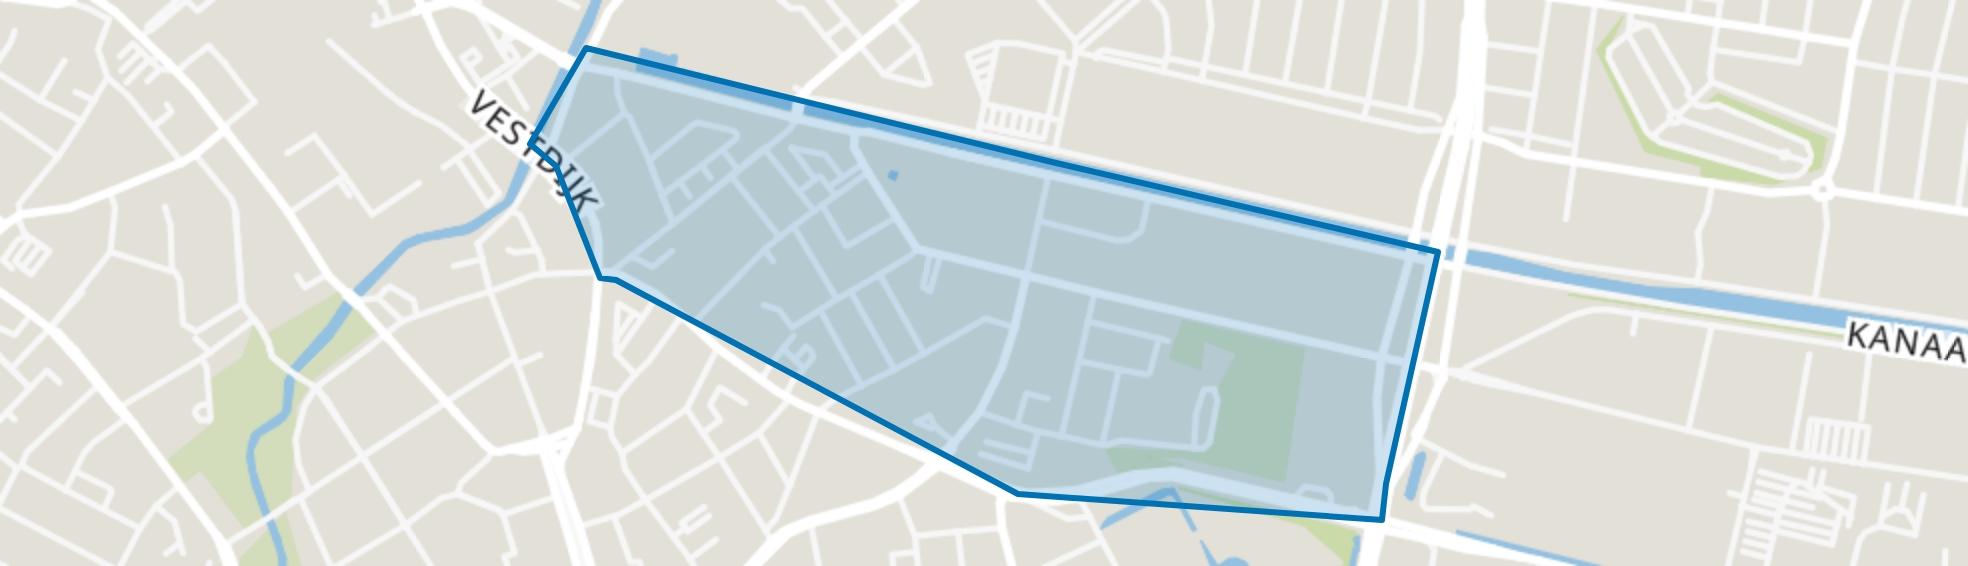 Irisbuurt, Eindhoven map